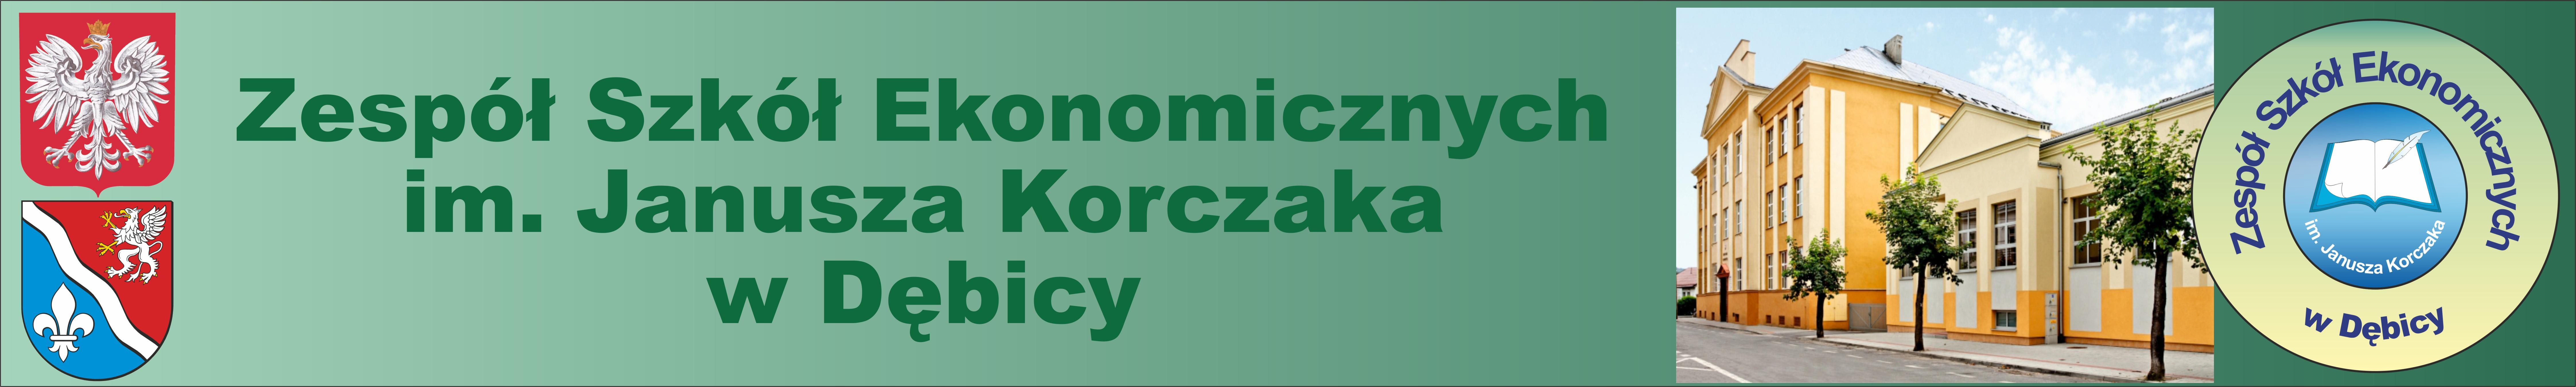 Zespół Szkół Ekonomicznych im. Janusza Korczaka w Dębicy